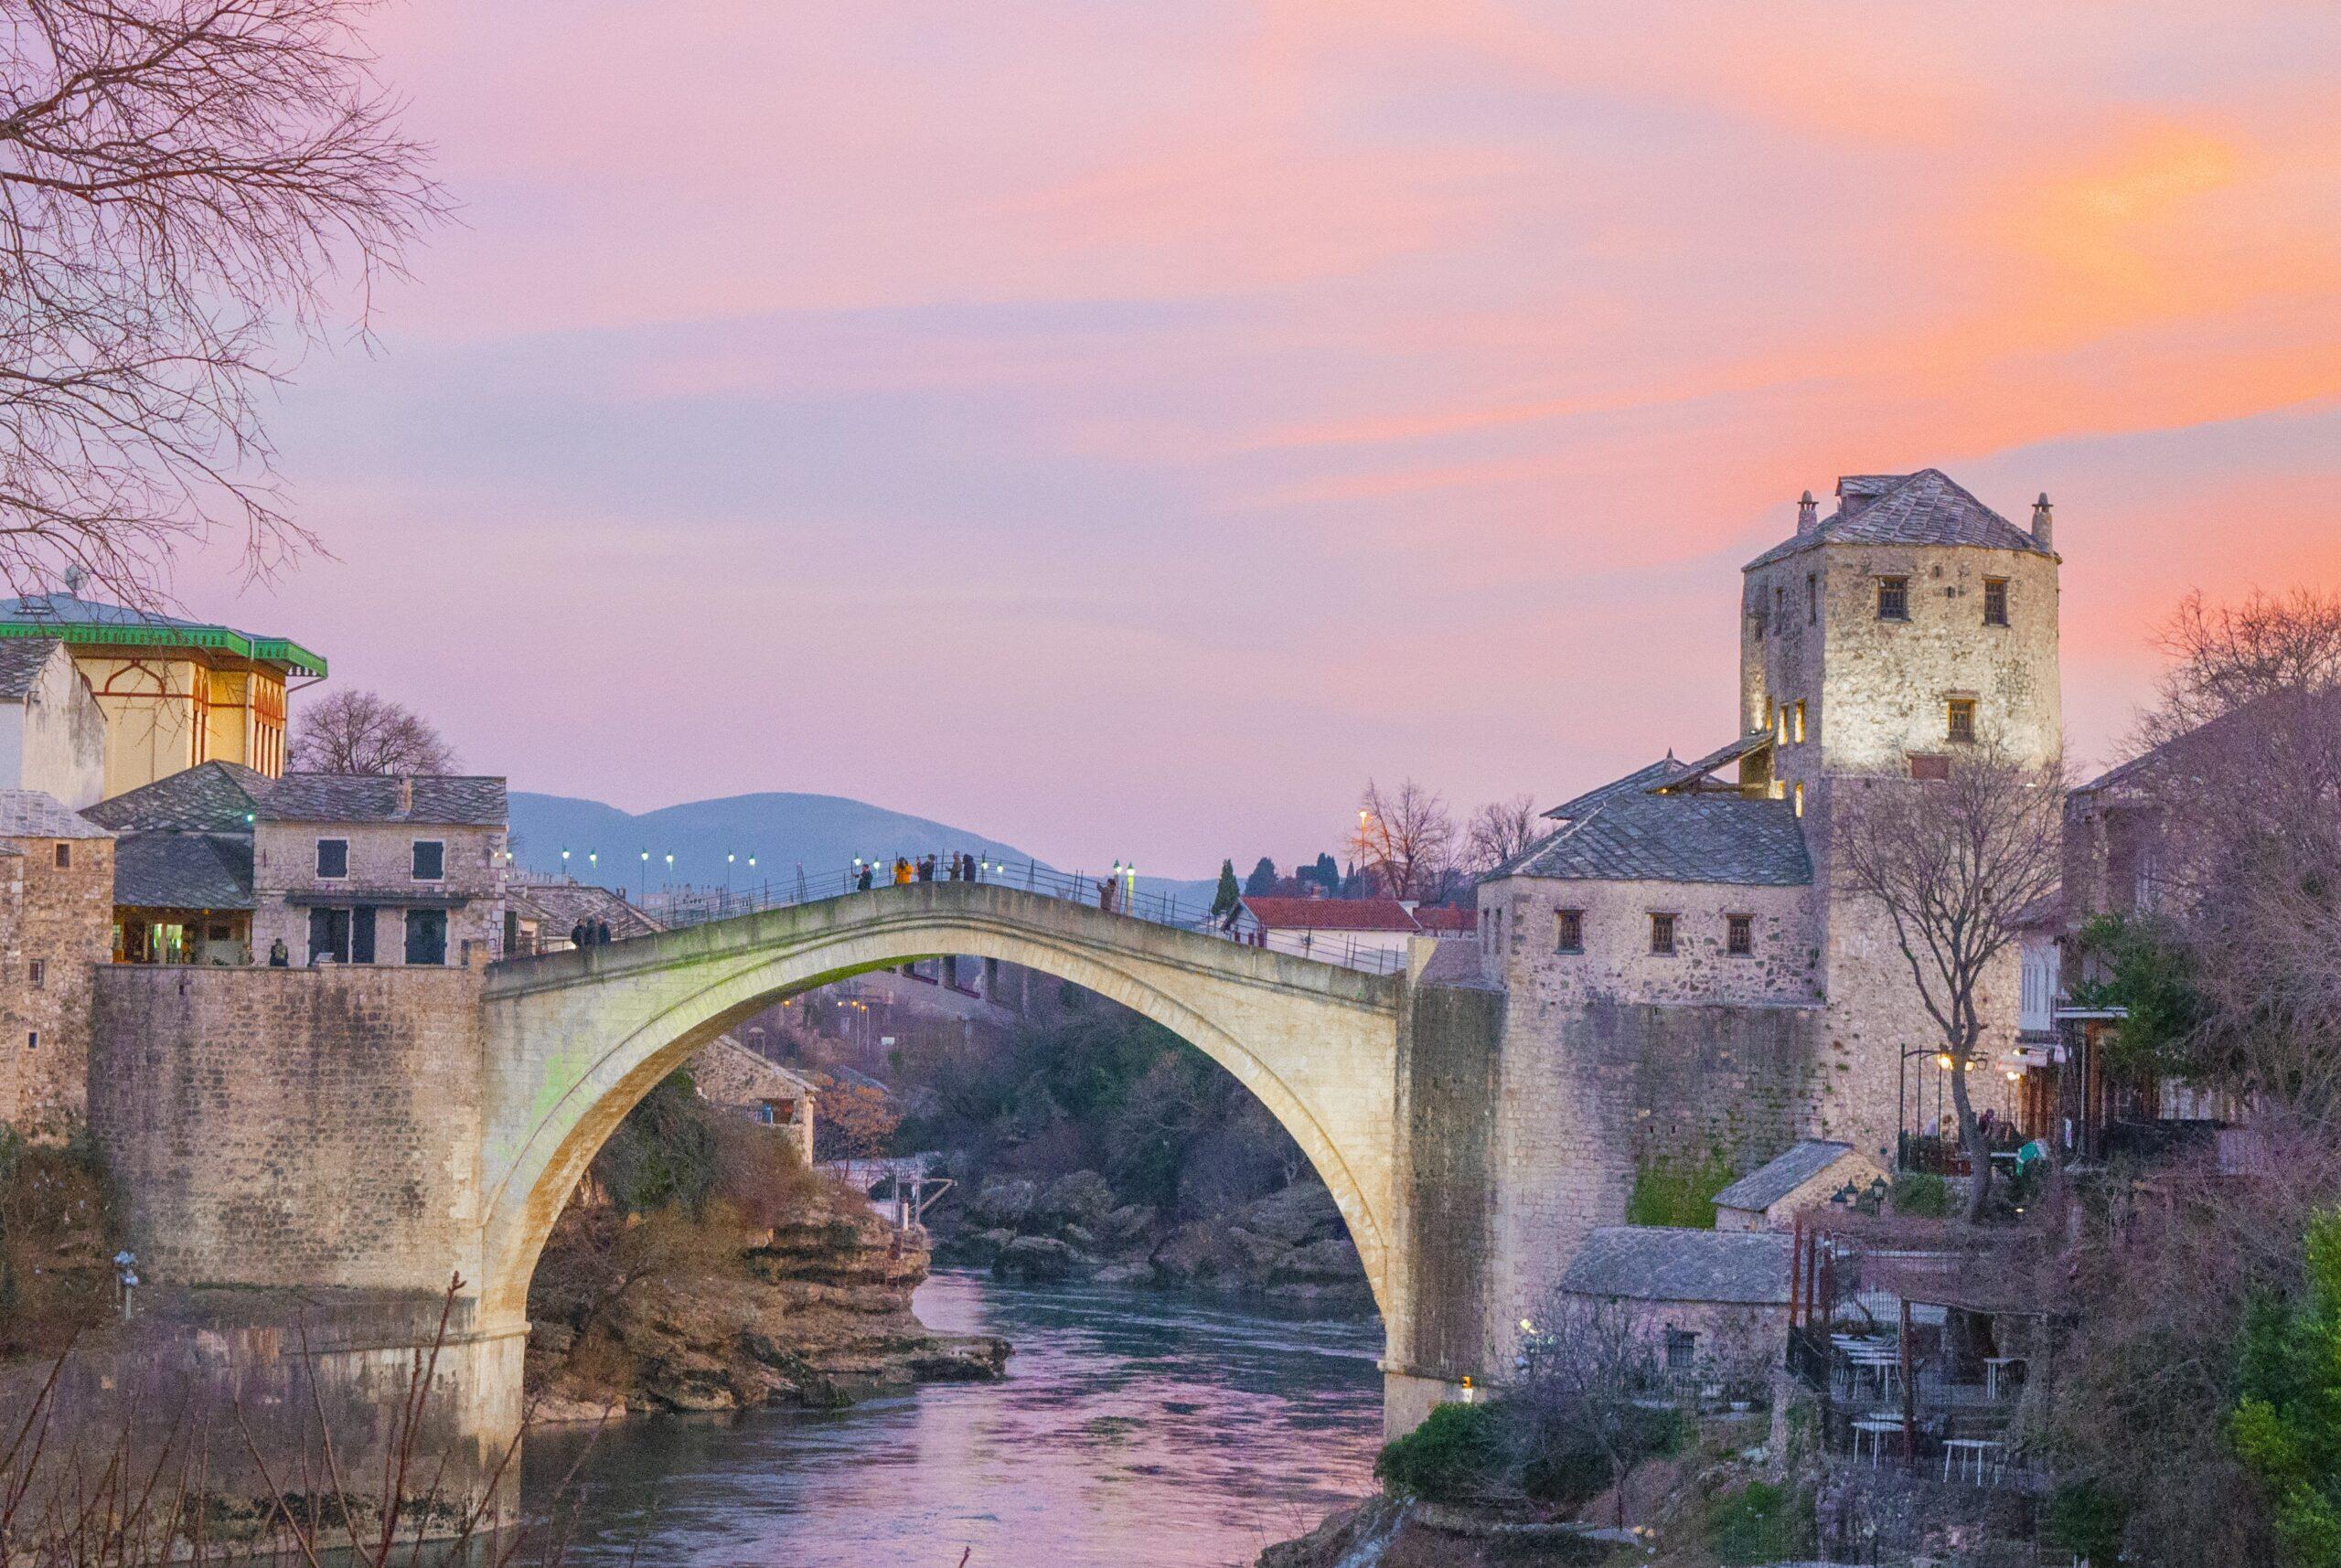 konjic, ottoman bridge, bosnia, herzegovina, tours in bosnia, tours from sarajevo, virtual tours, virtual reality, travel, mostar